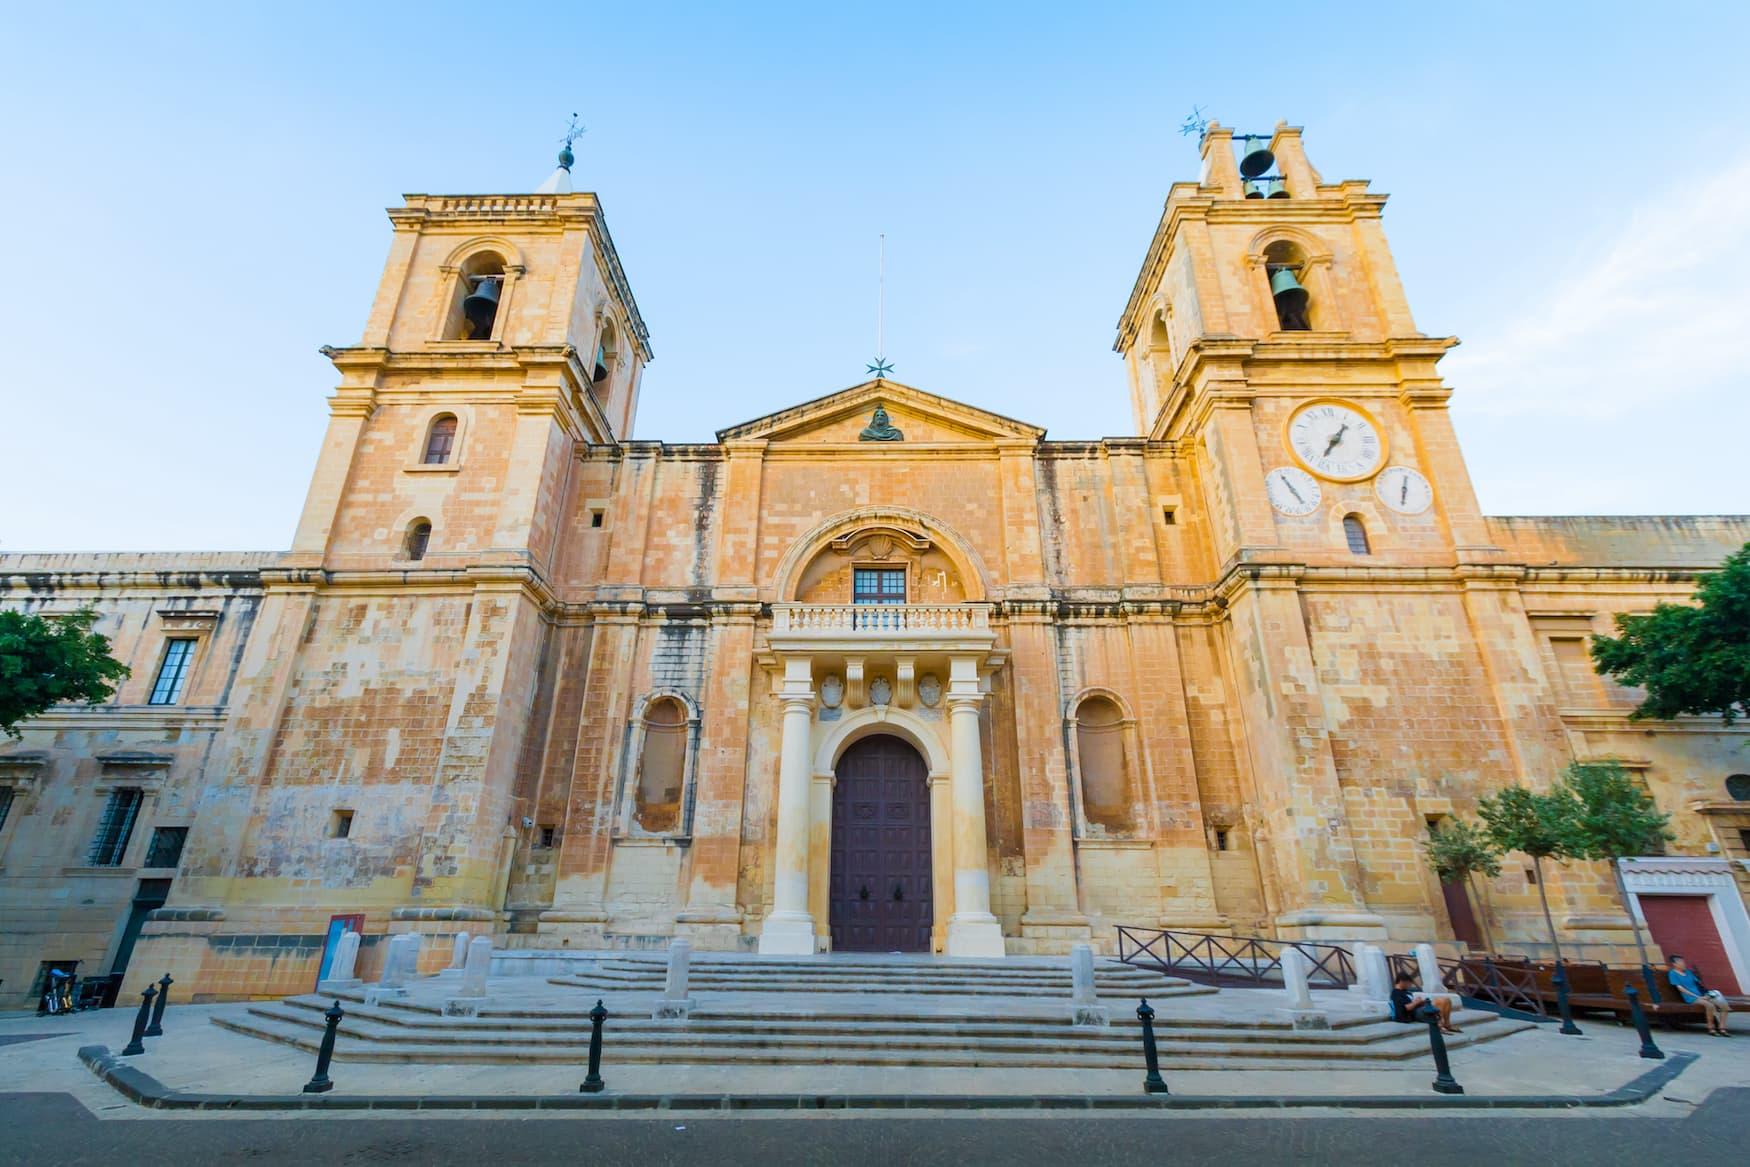 St. Johns Co-Cathedral in der Altstadt von Valletta auf Malta